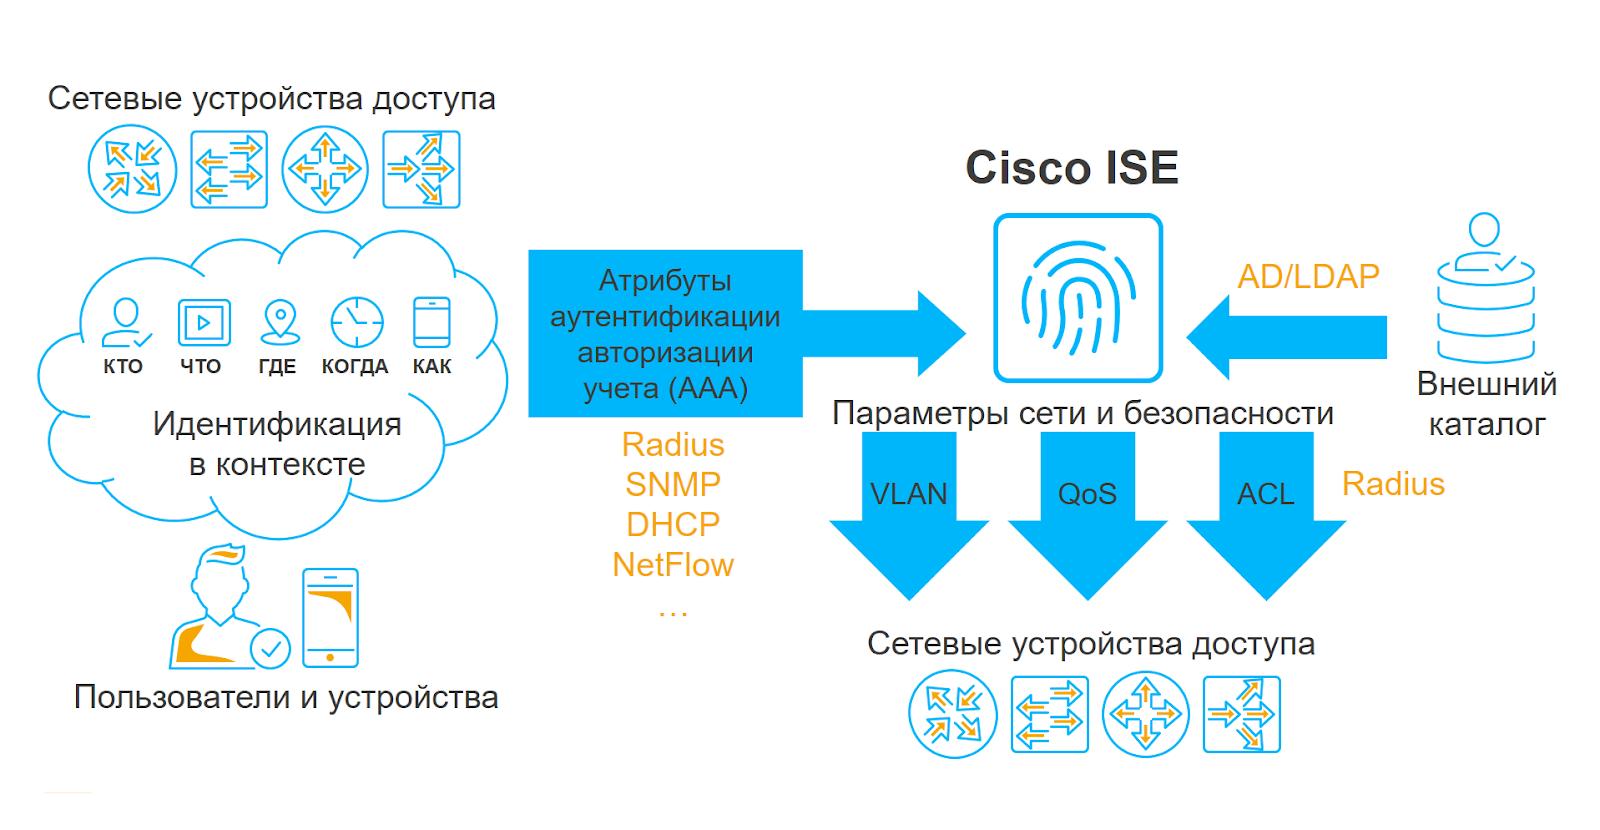 Тестирование покажет: как подготовиться к внедрению Cisco ISE и понять, какие фичи системы вам нужны - 2